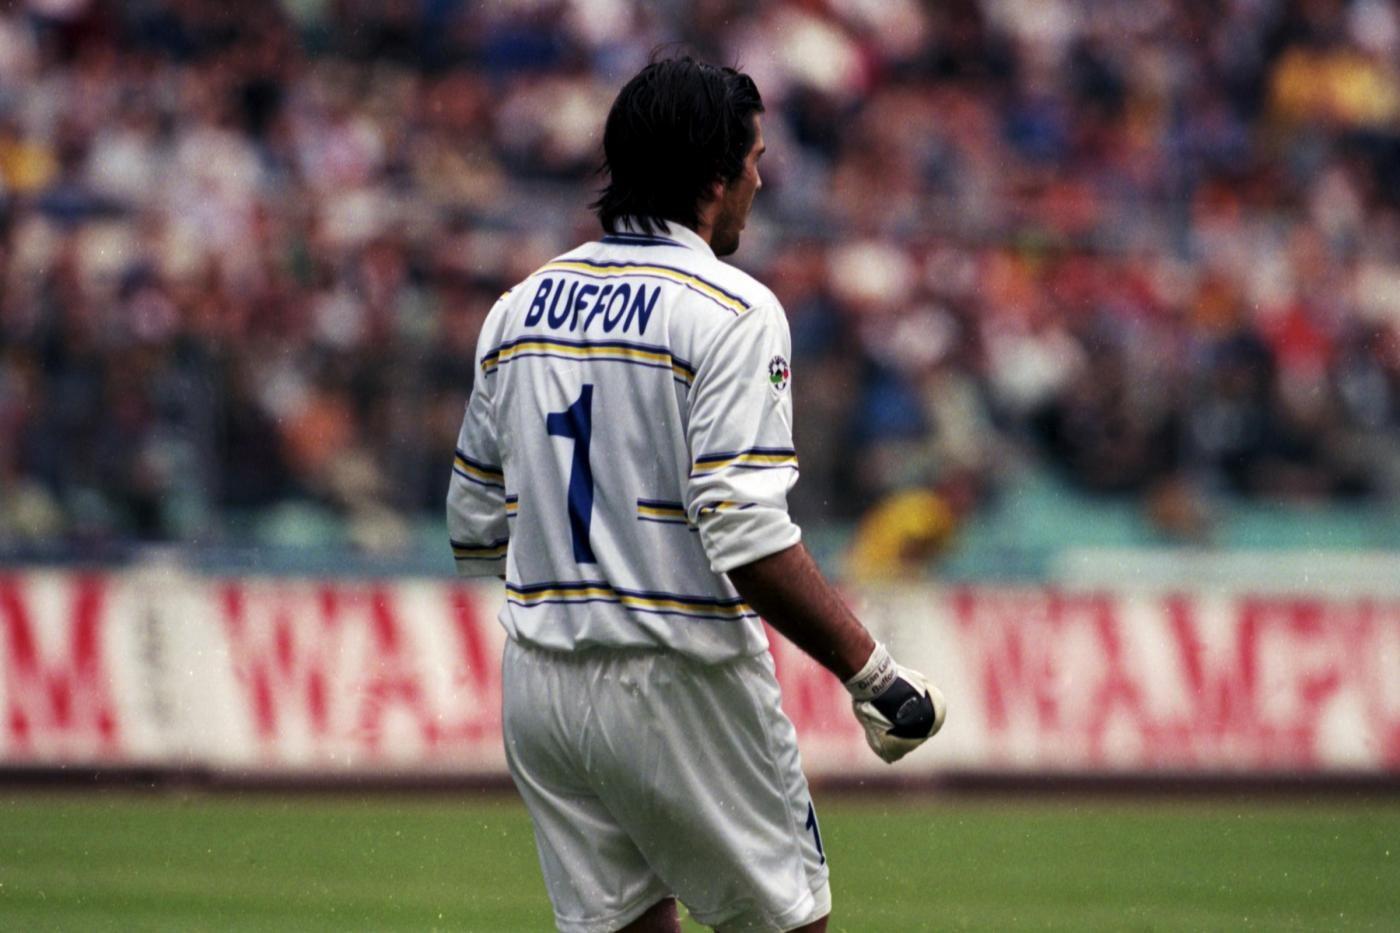 Un giovanissimo Buffon, ad inizio carriera ai tempi del Parma